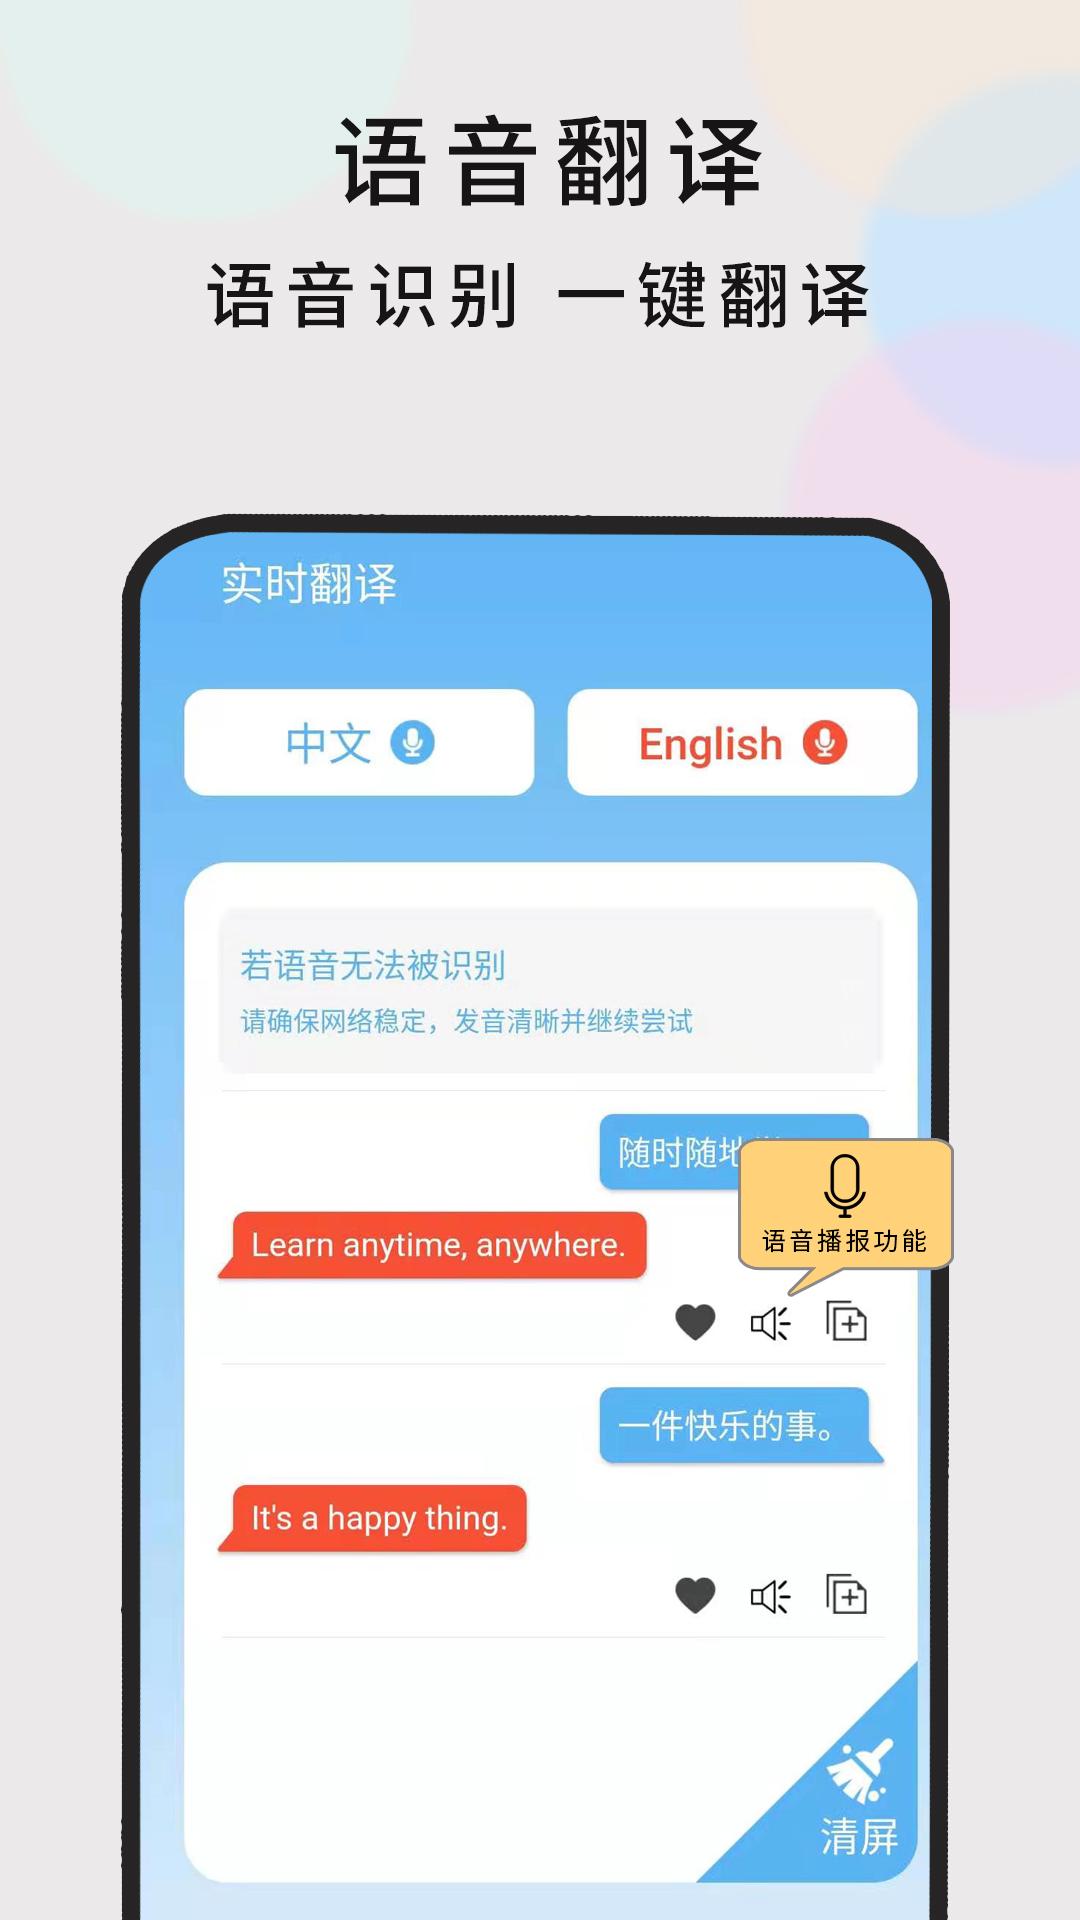 英语随时翻译 V1.0.7 安卓版截图2